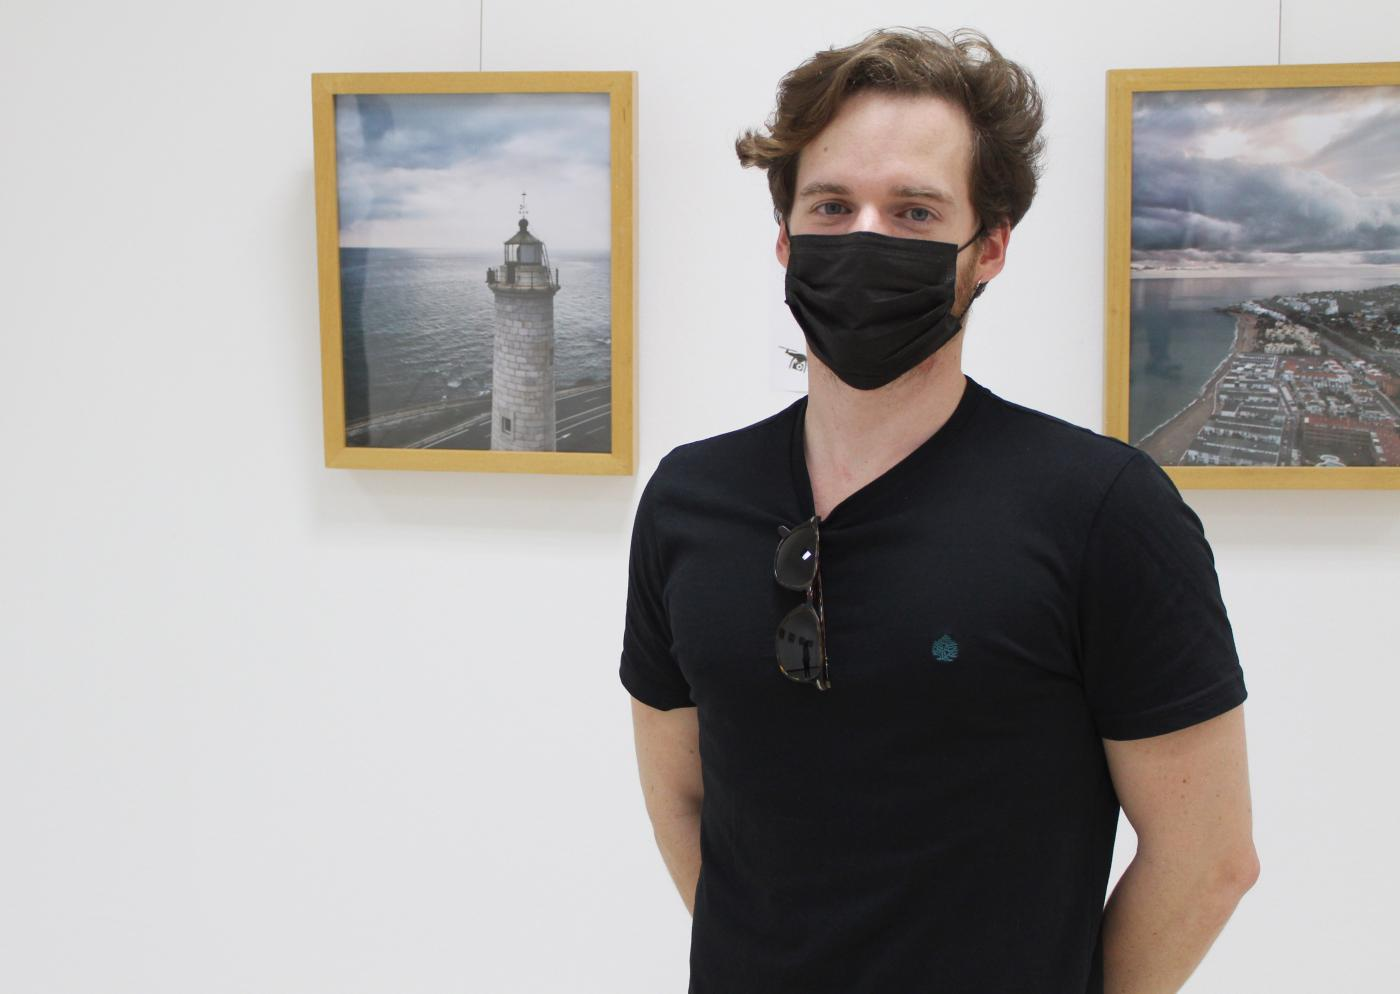 Álvaro Hidalgo Pedrosa expone su colección de fotos en el Centro Cultural de La Cala de Mijas